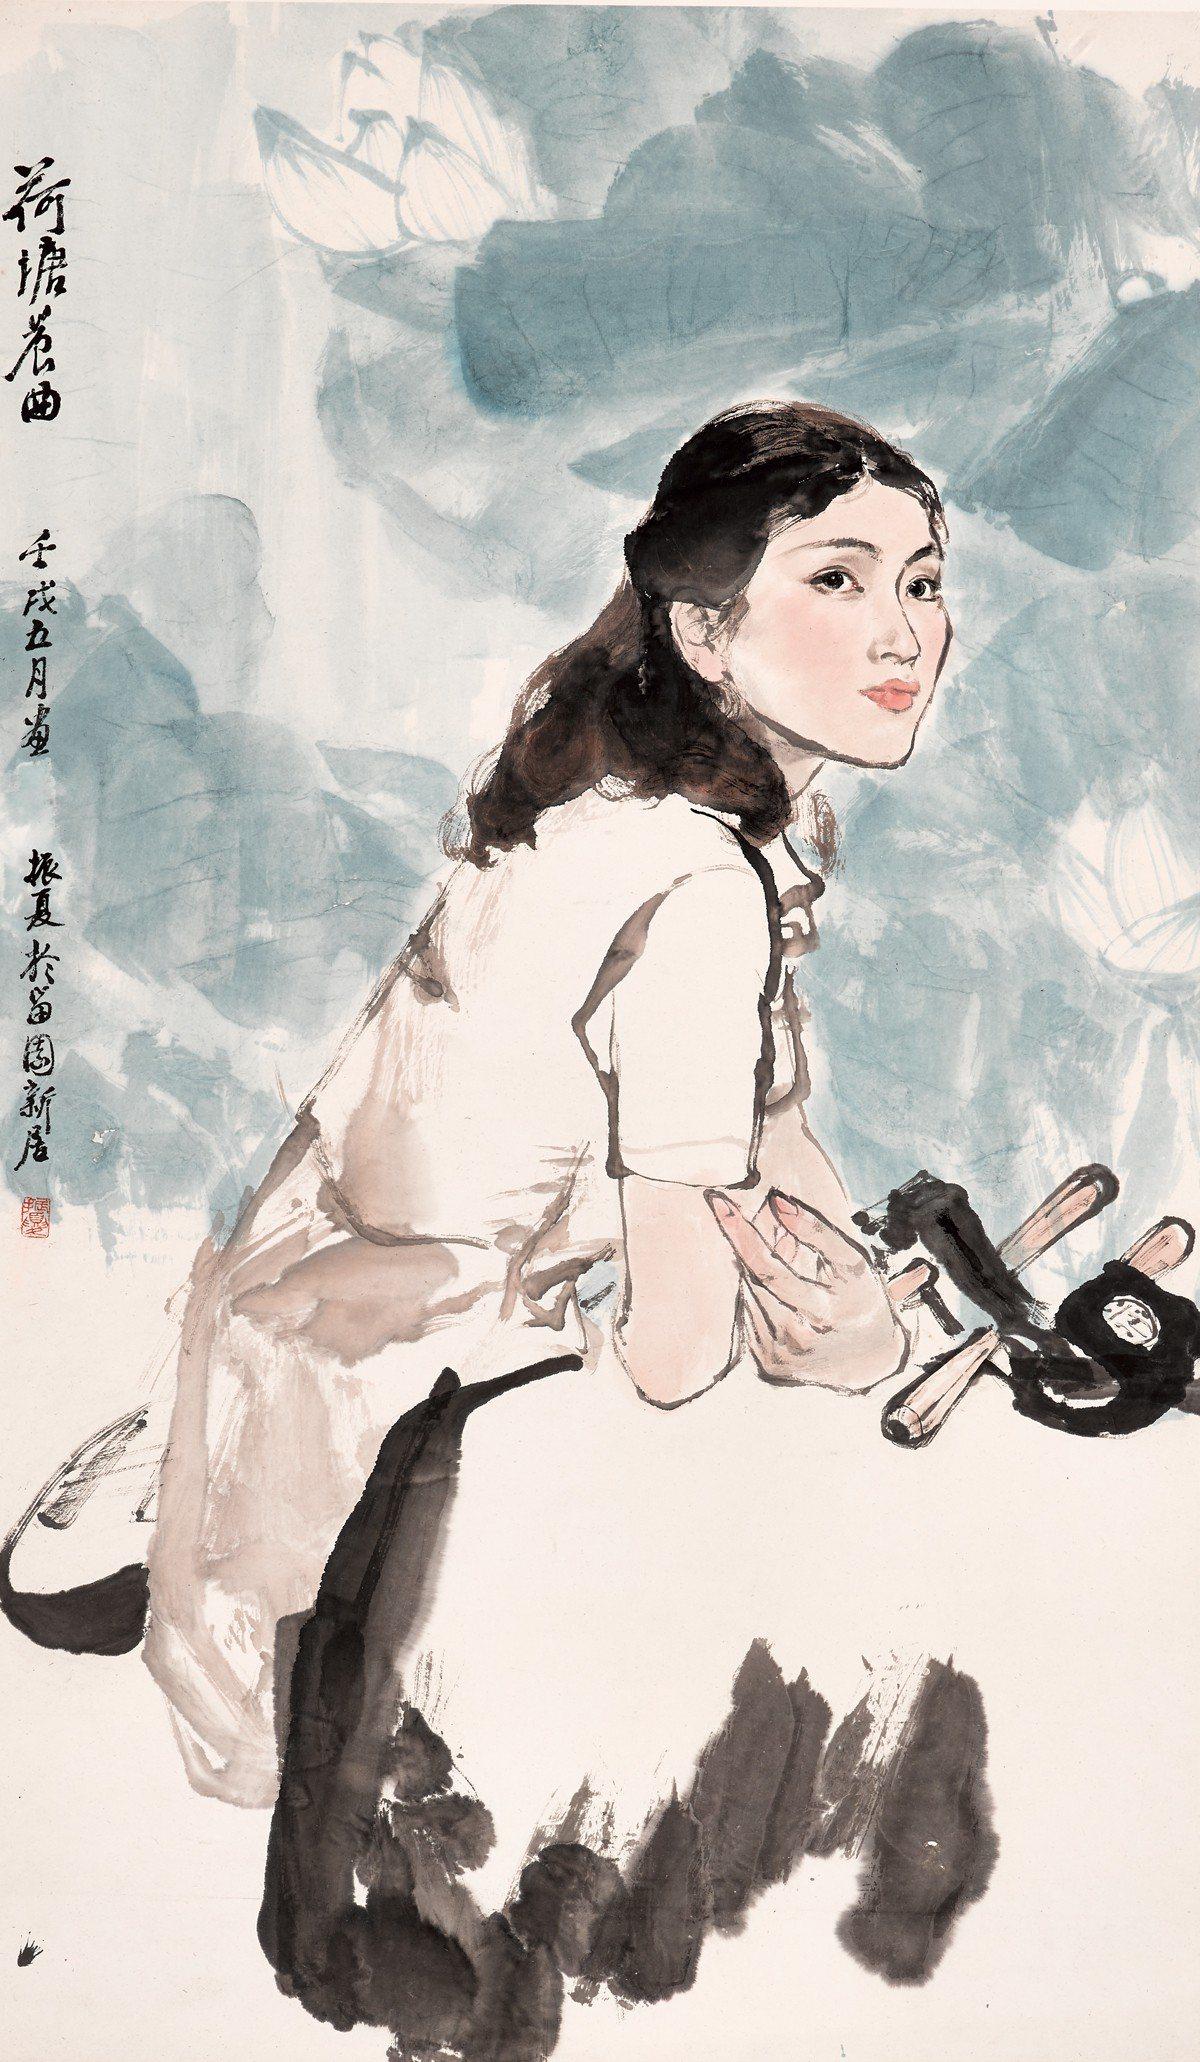 劉振夏 荷塘晨曲 1982 117x69cm 劉振夏為初戀情人所作的肖像作品